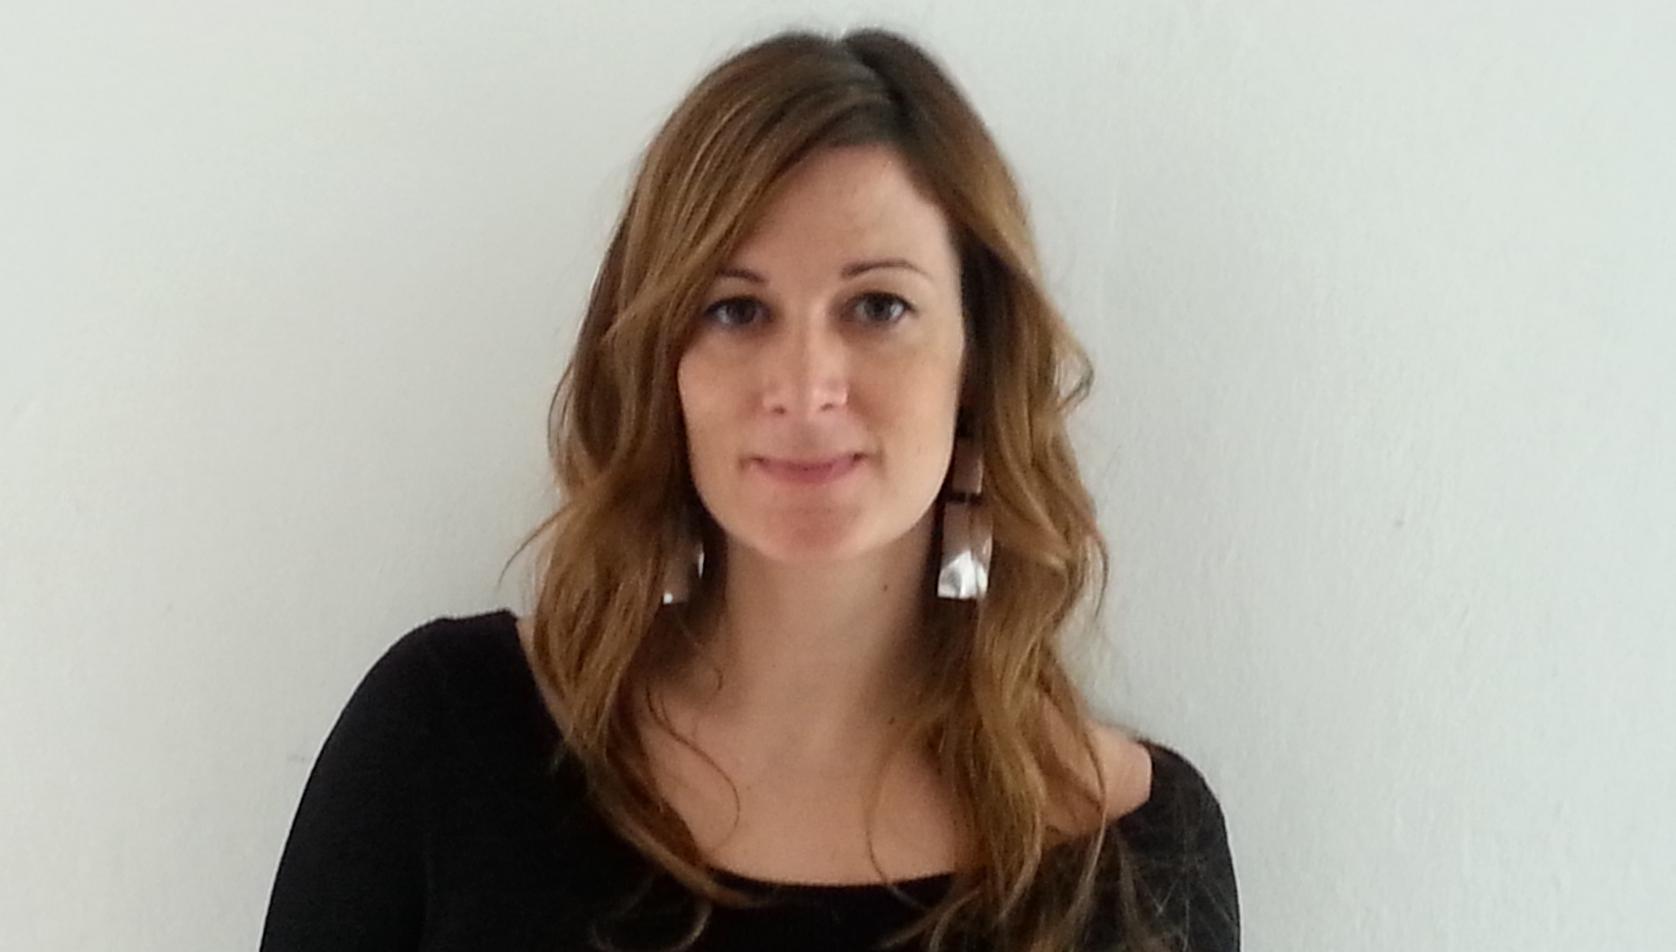 Consultes ètiques d'@AndreuBarnils a @GemmaGaldon (@Podem_cat) >> http://t.co/2B0B3I2TeM http://t.co/oXSYQ0DUwc